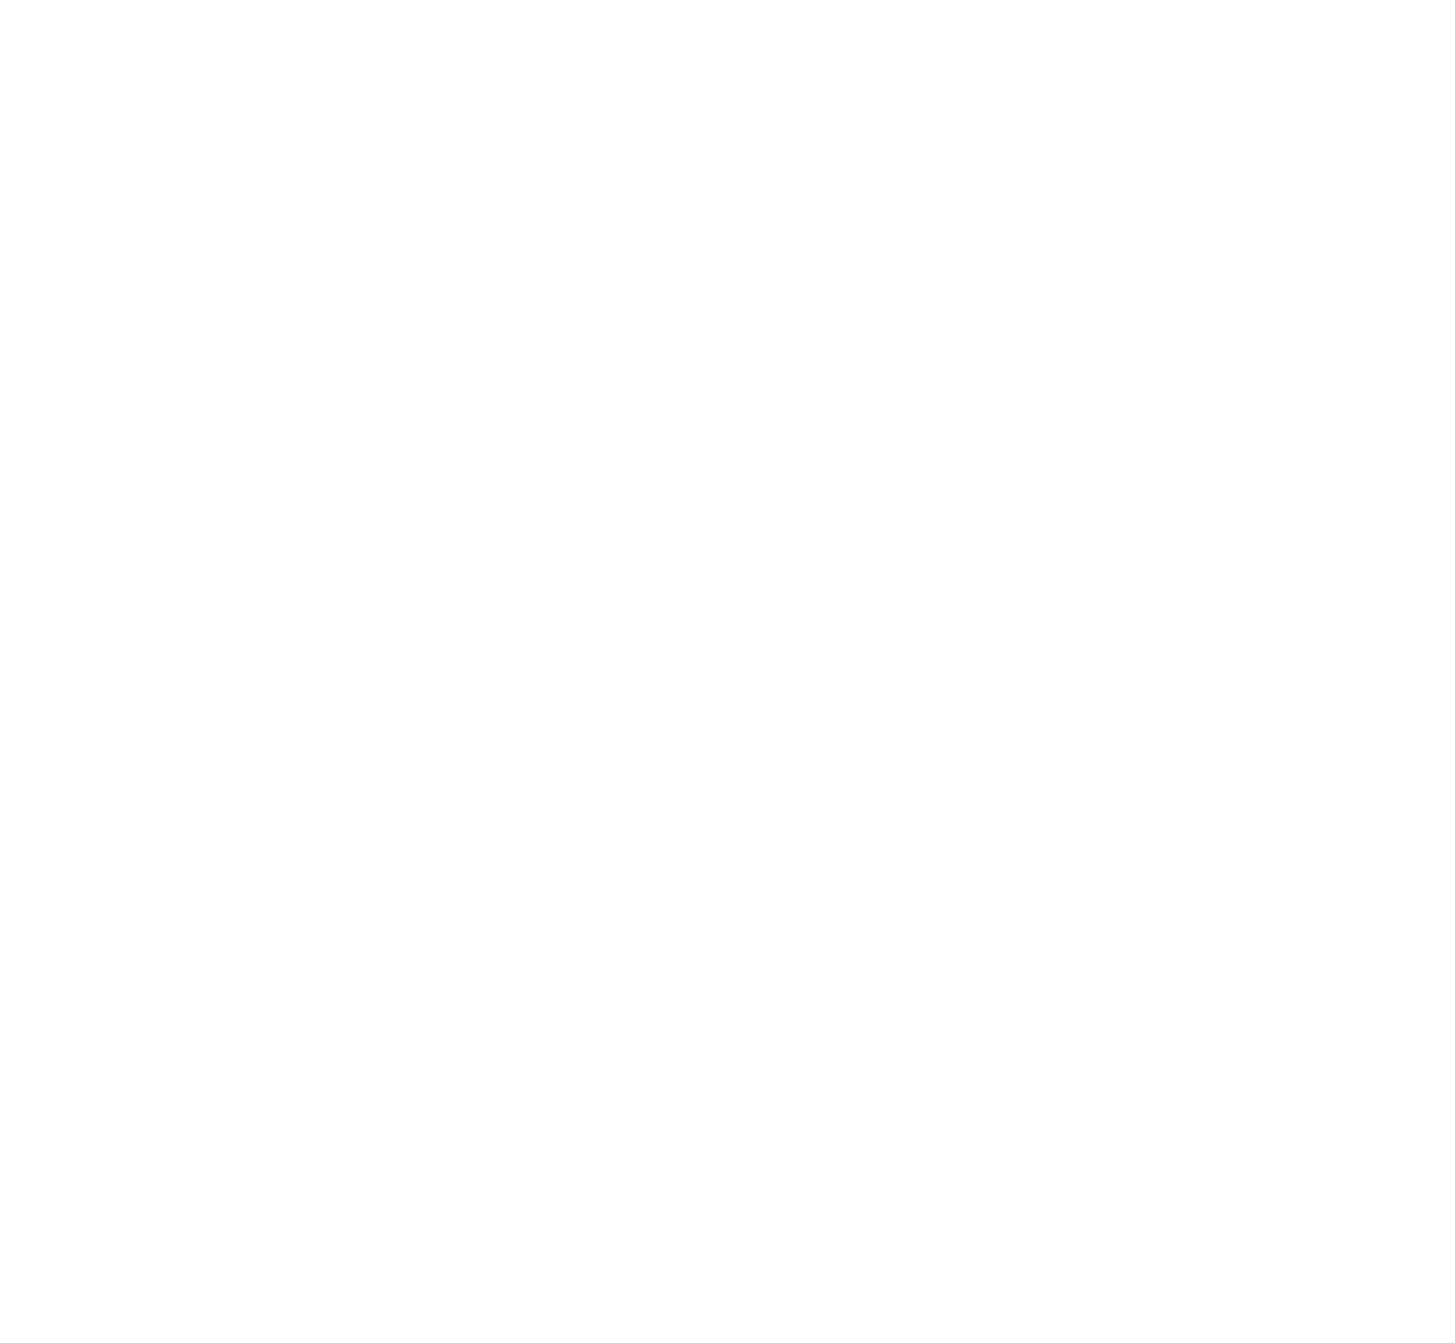 Logo Control Integral. Software ERP, ferreterías, suministros industriales, centros de bricolaje y almacenes de material de construcción